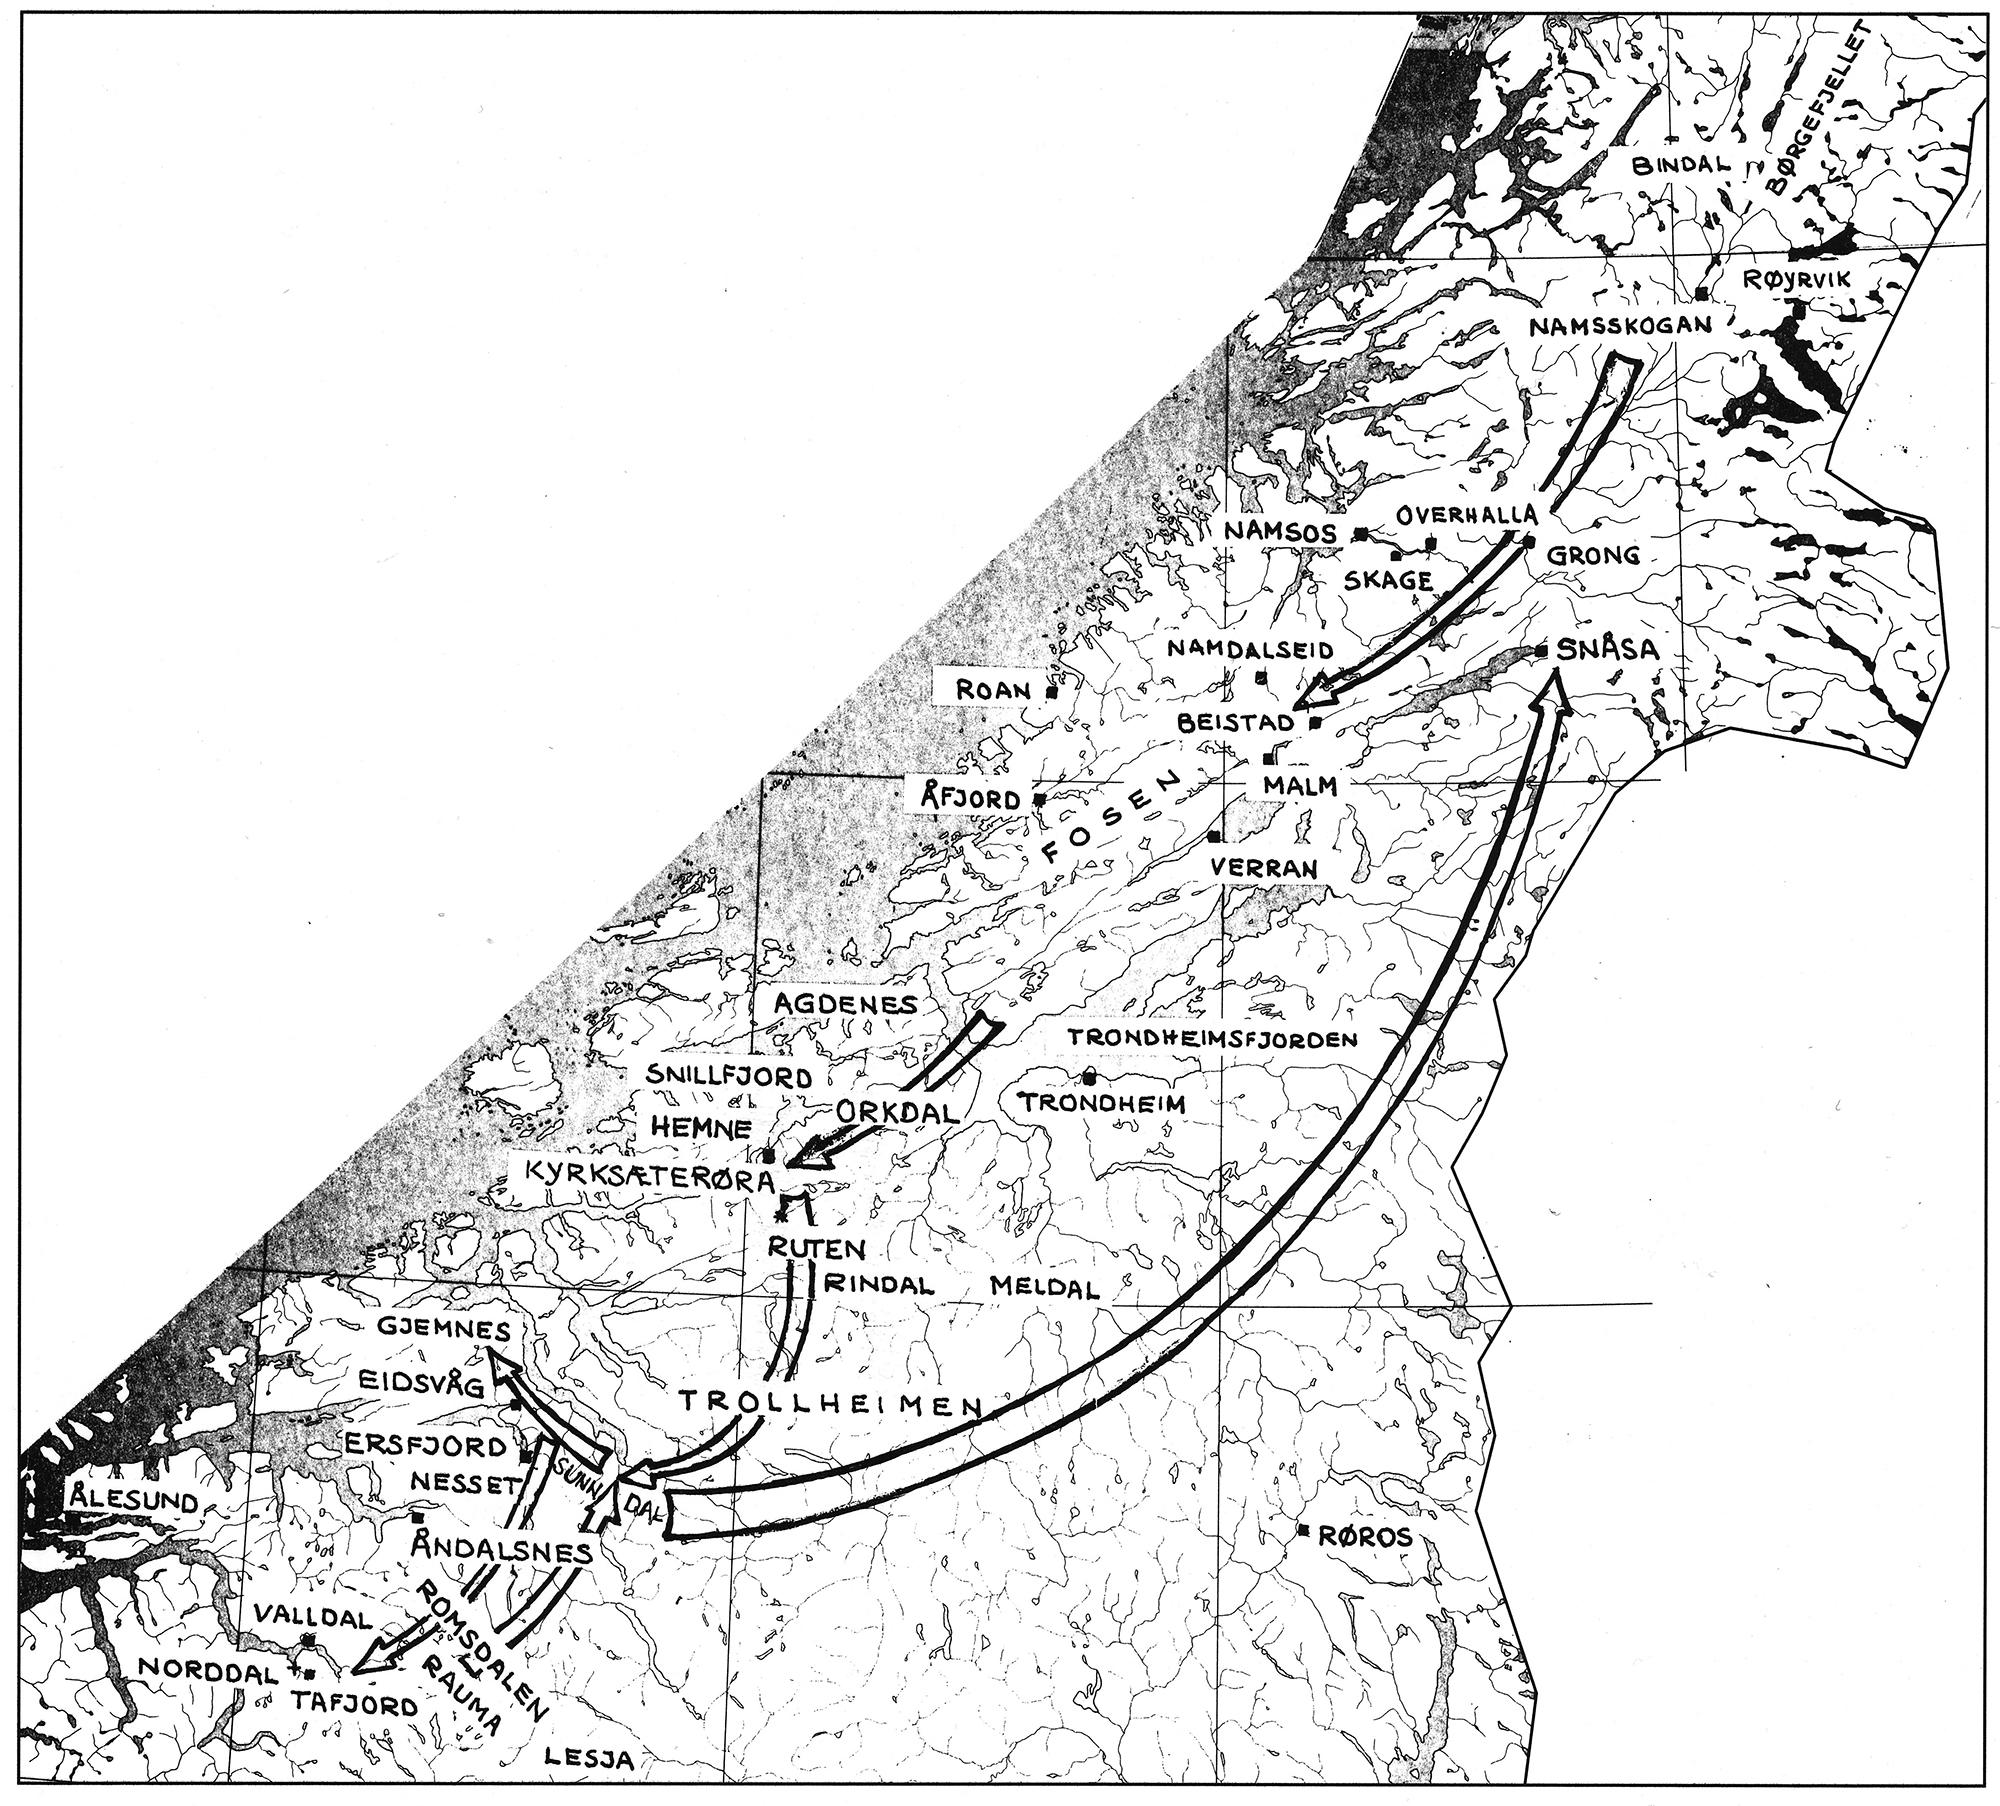 """Kart som viser Torkel Jonassens vandringar frå han tok ut frå """"Vesterfjellet"""" – """"Njaarke"""" – i 1869, til han flytta frå Sunndal til Snåsa i 1898. Klikk for større versjon. Teikning: Sverre Fjellheim frå boka """"Åarjel-saemieh"""" nr. 4, 1991"""